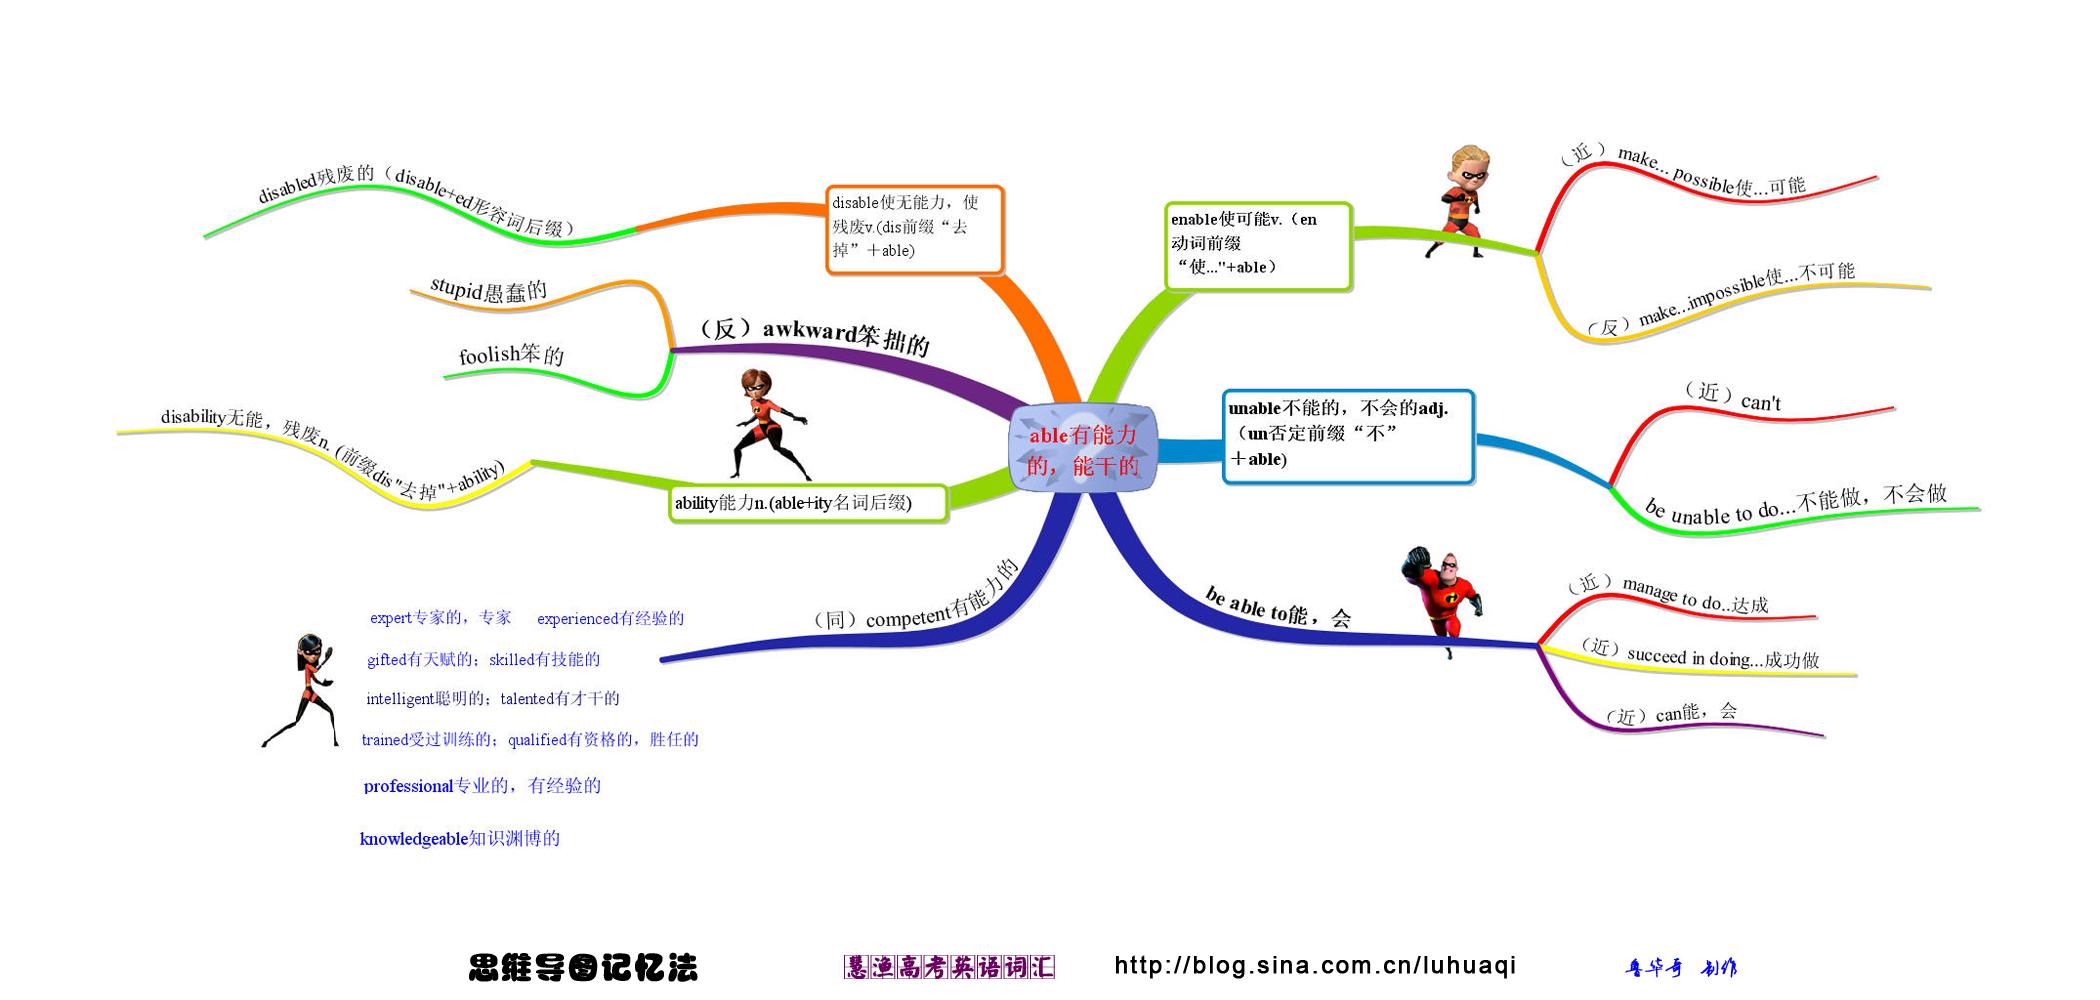 思维导图记英语词汇